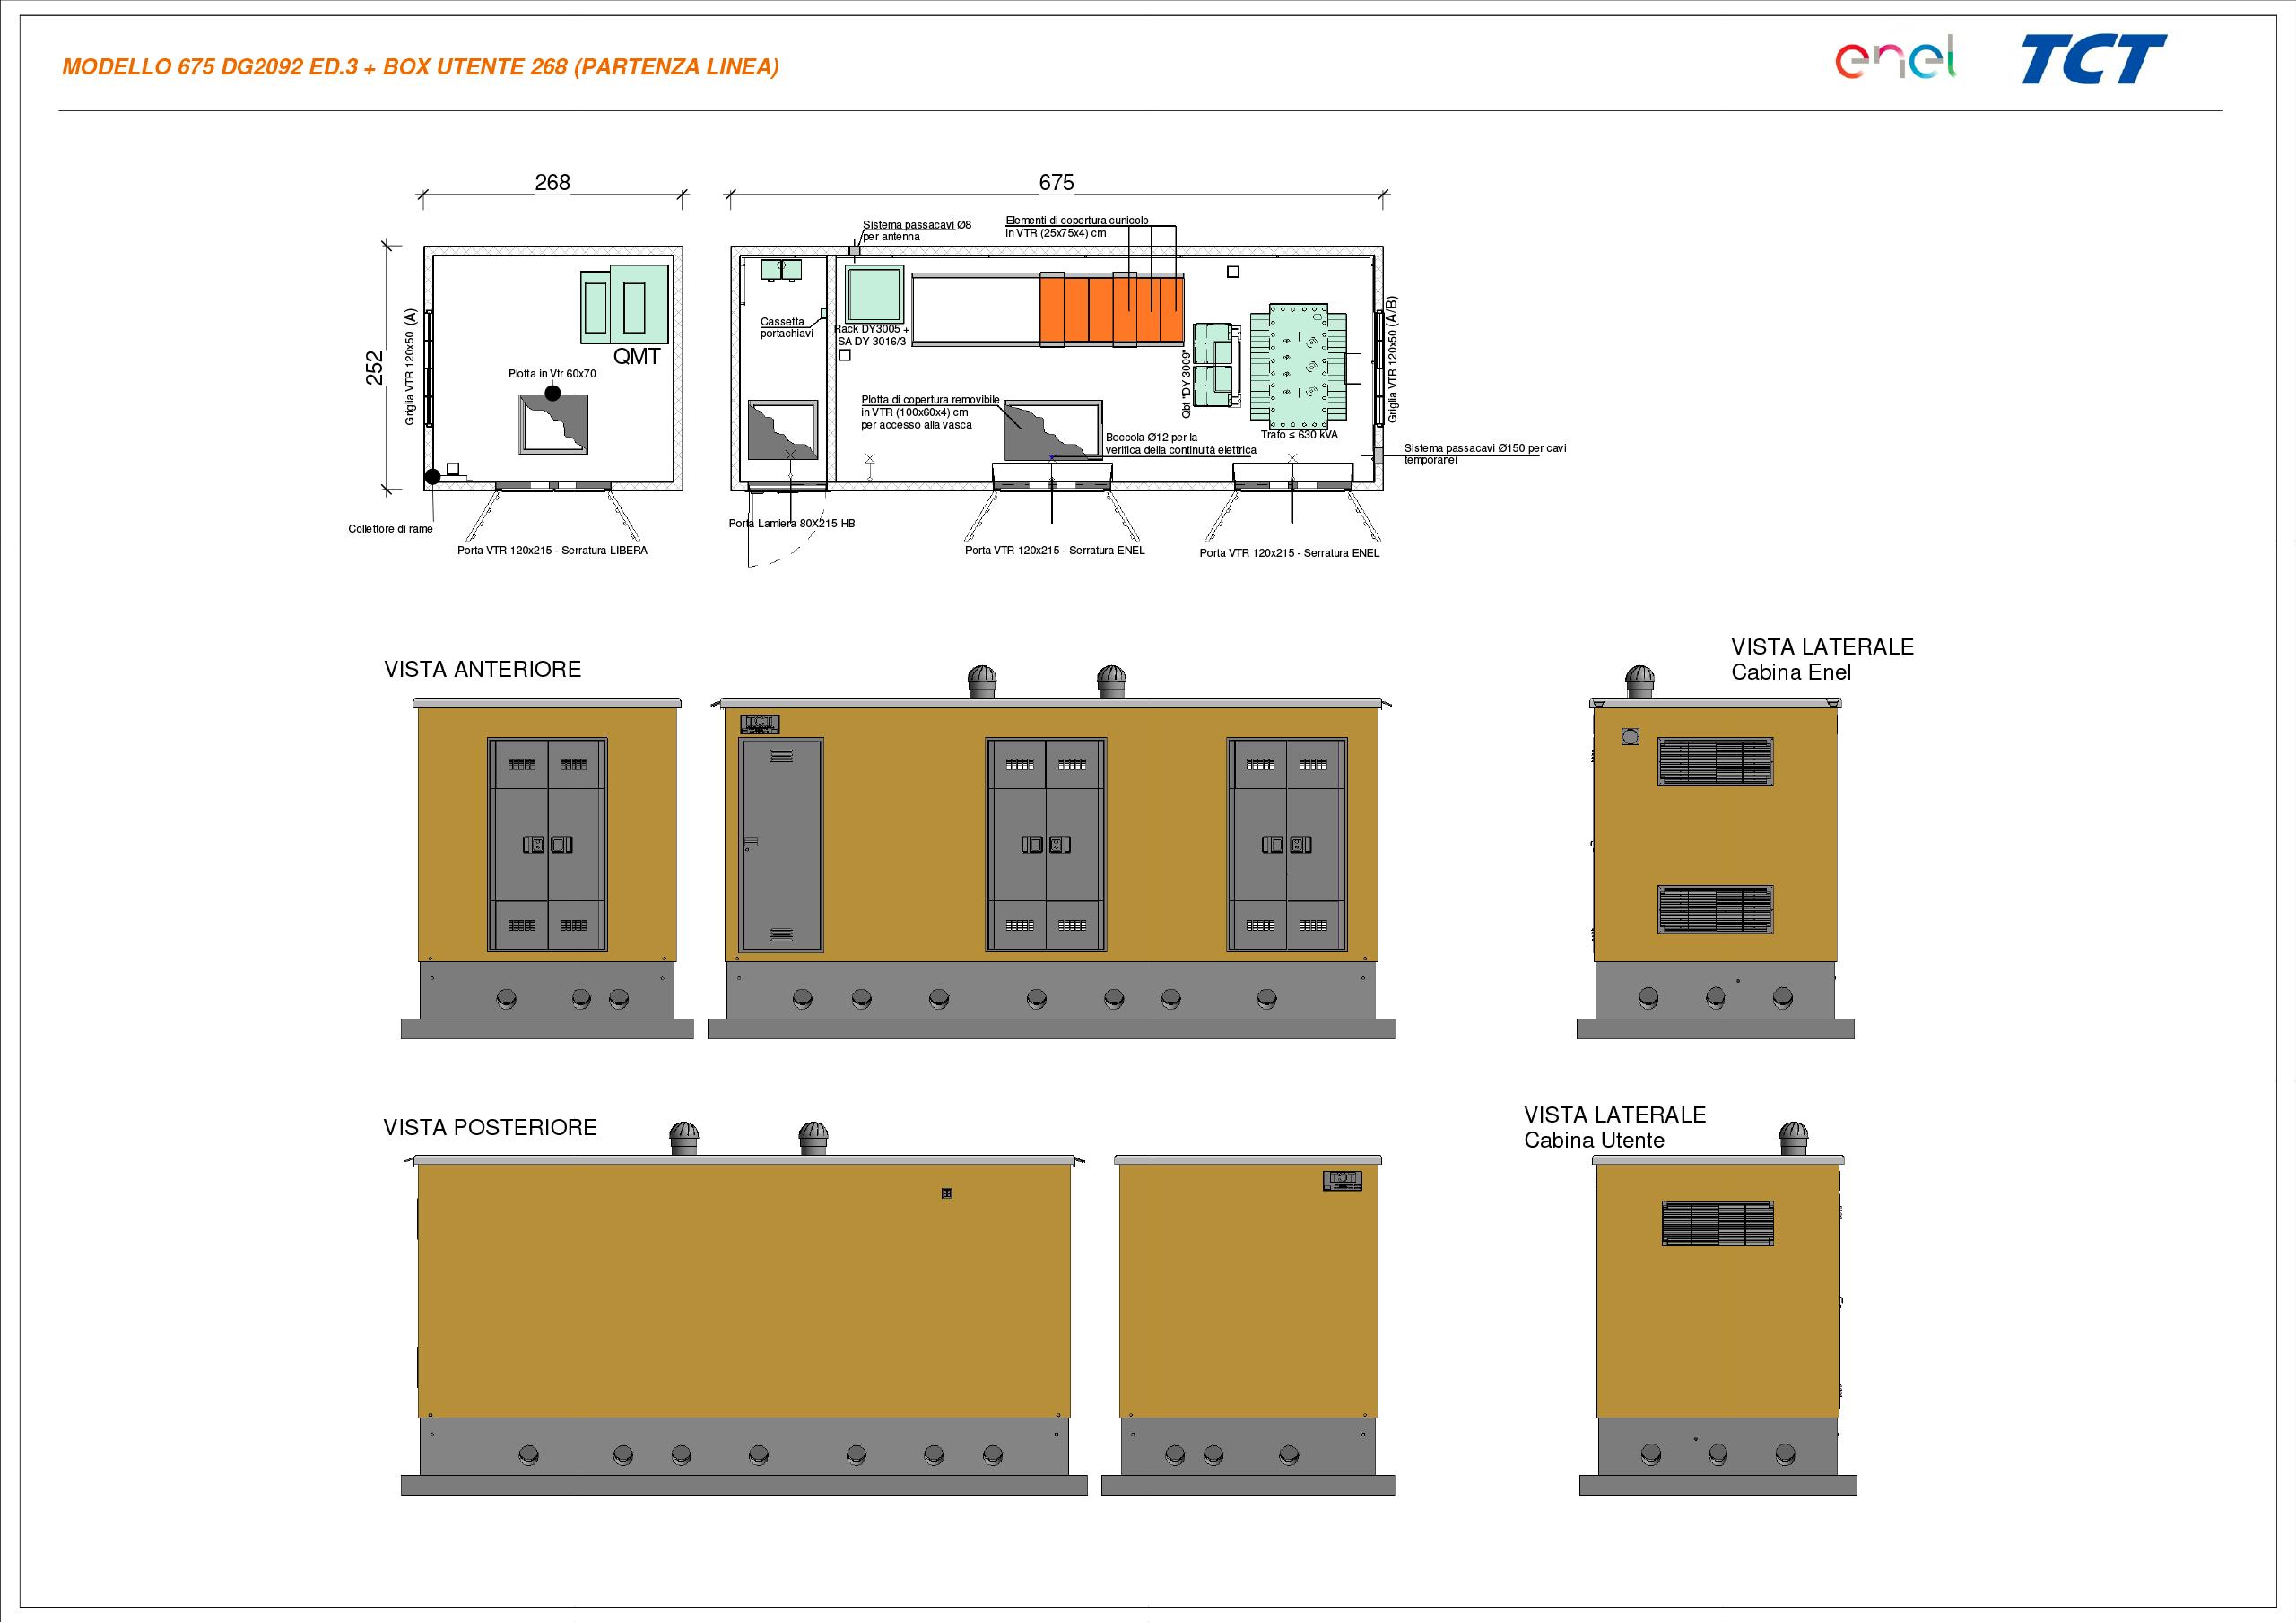 DG2092-Ed.-3-Box-Utente-268-Partenza-Linea-scaled